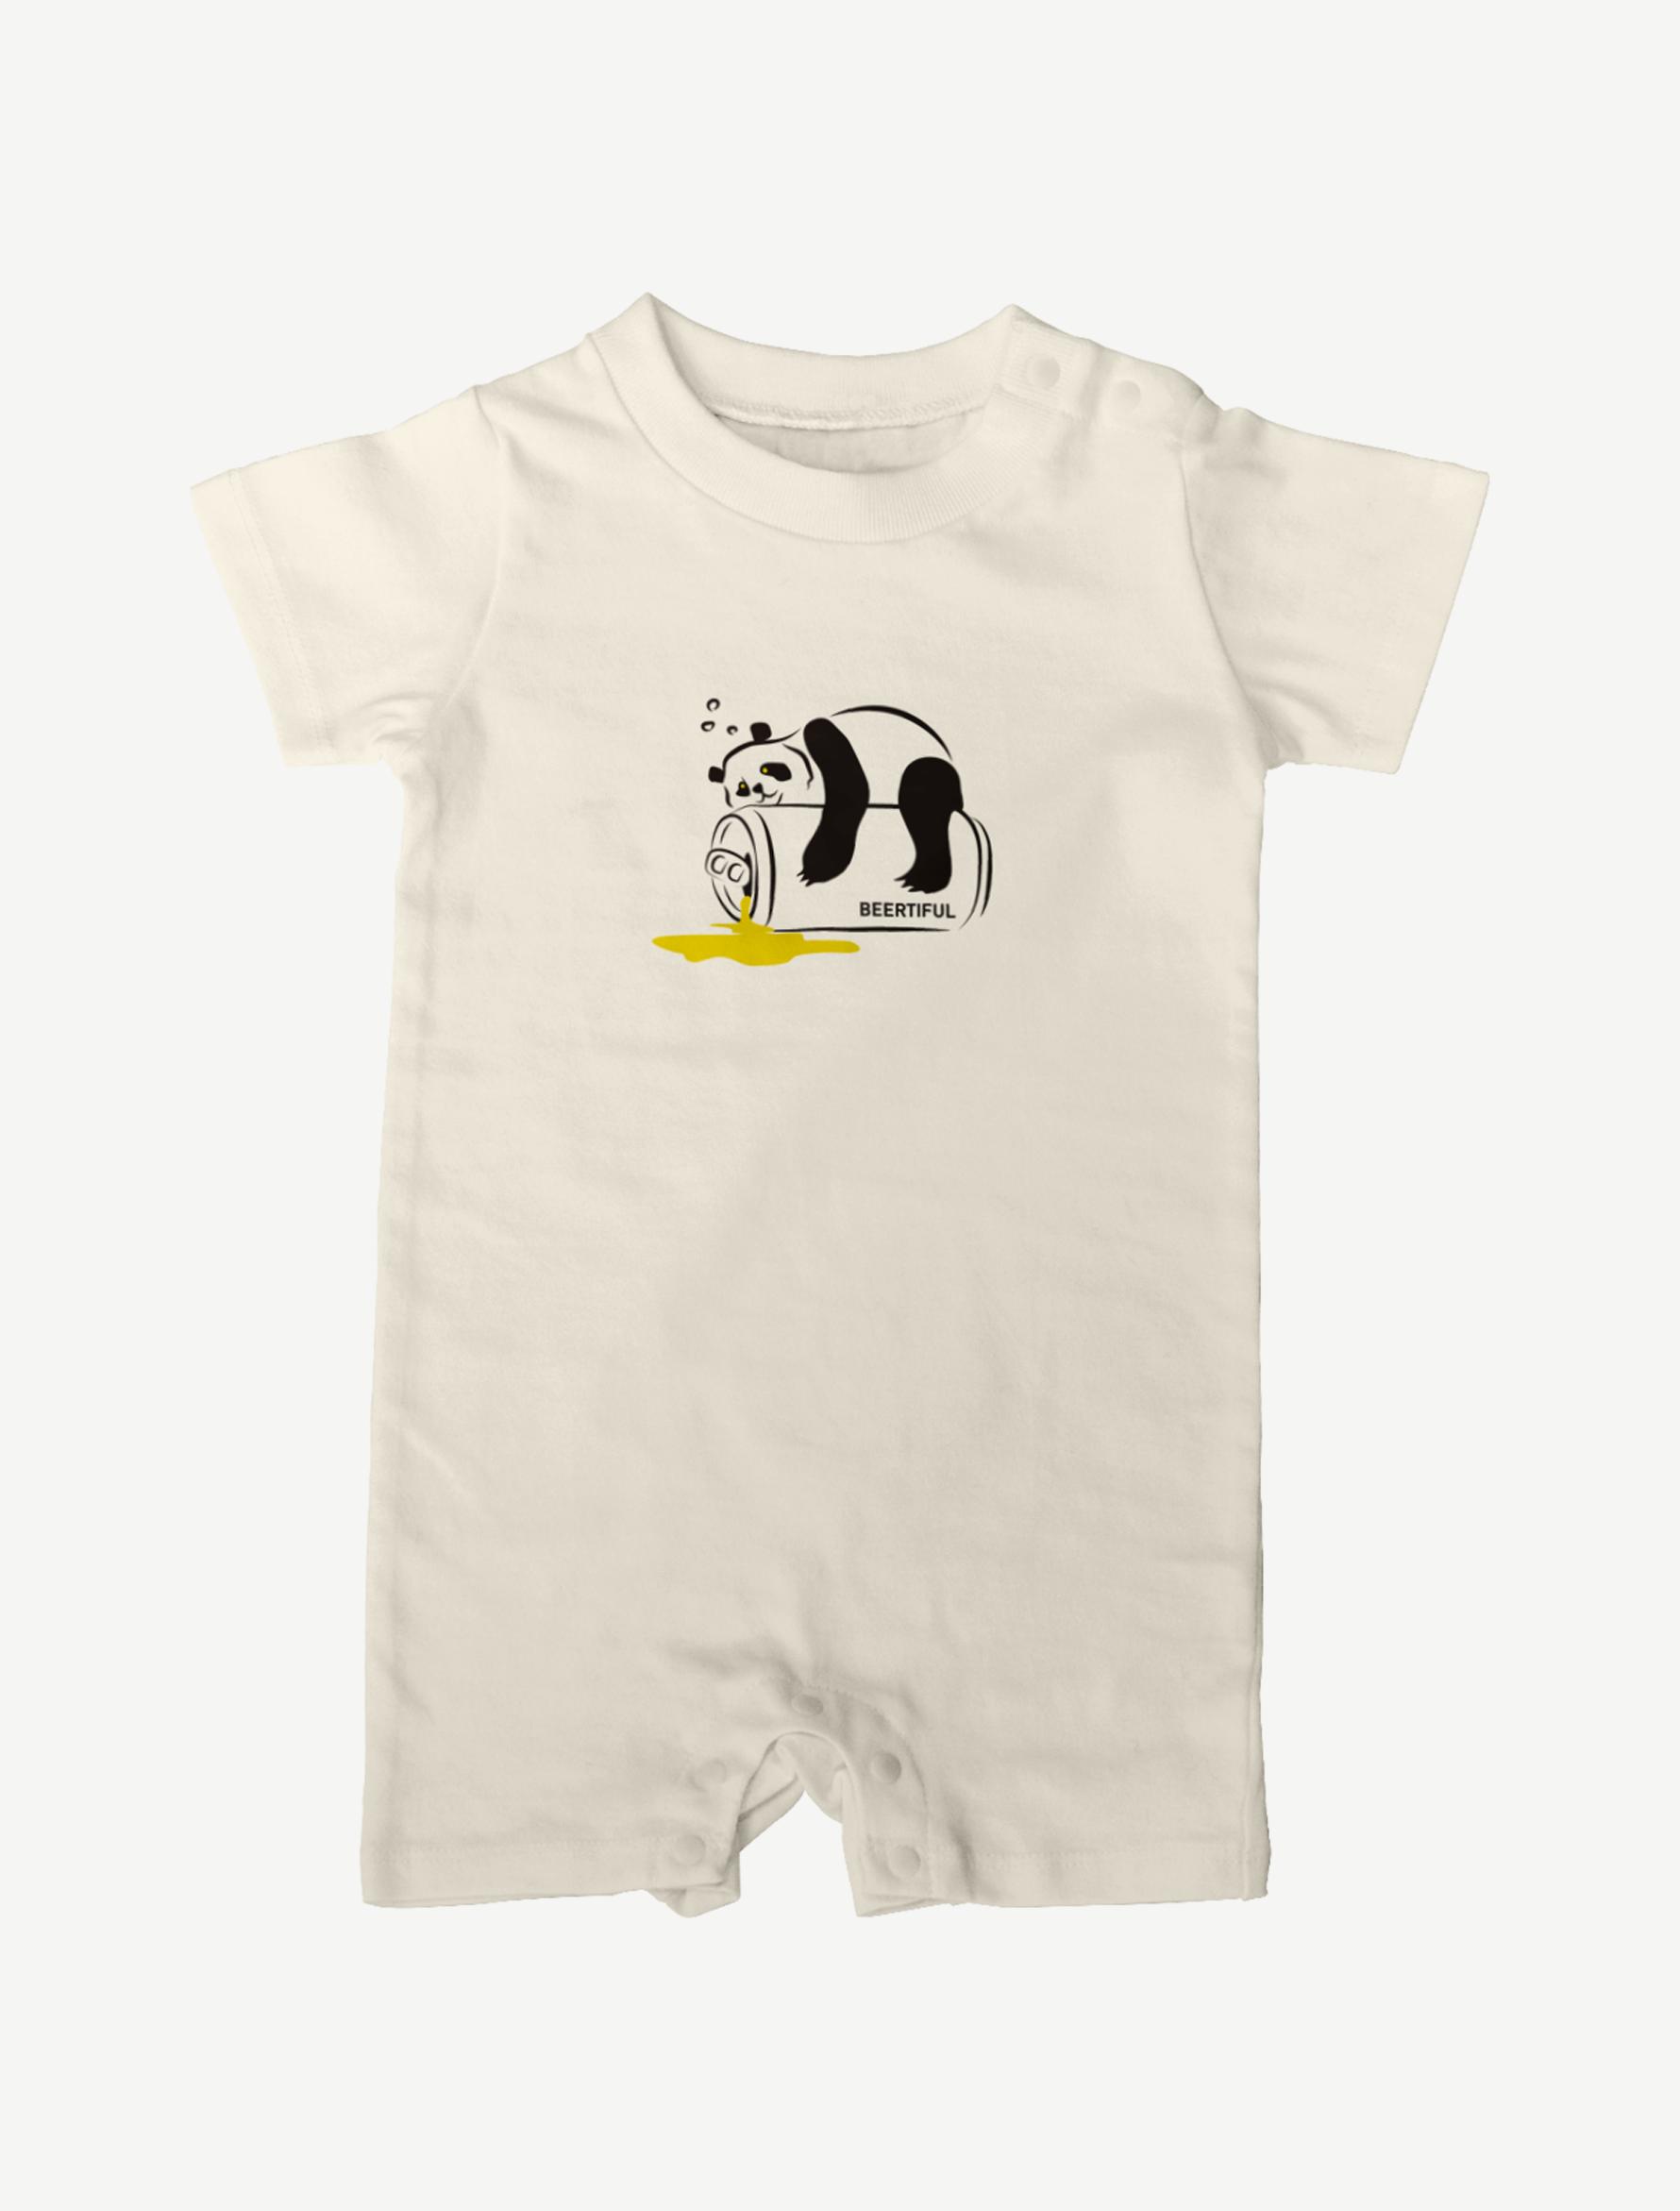 【ほろ酔いパンダ】ベイビーロンパース(ナチュラル)